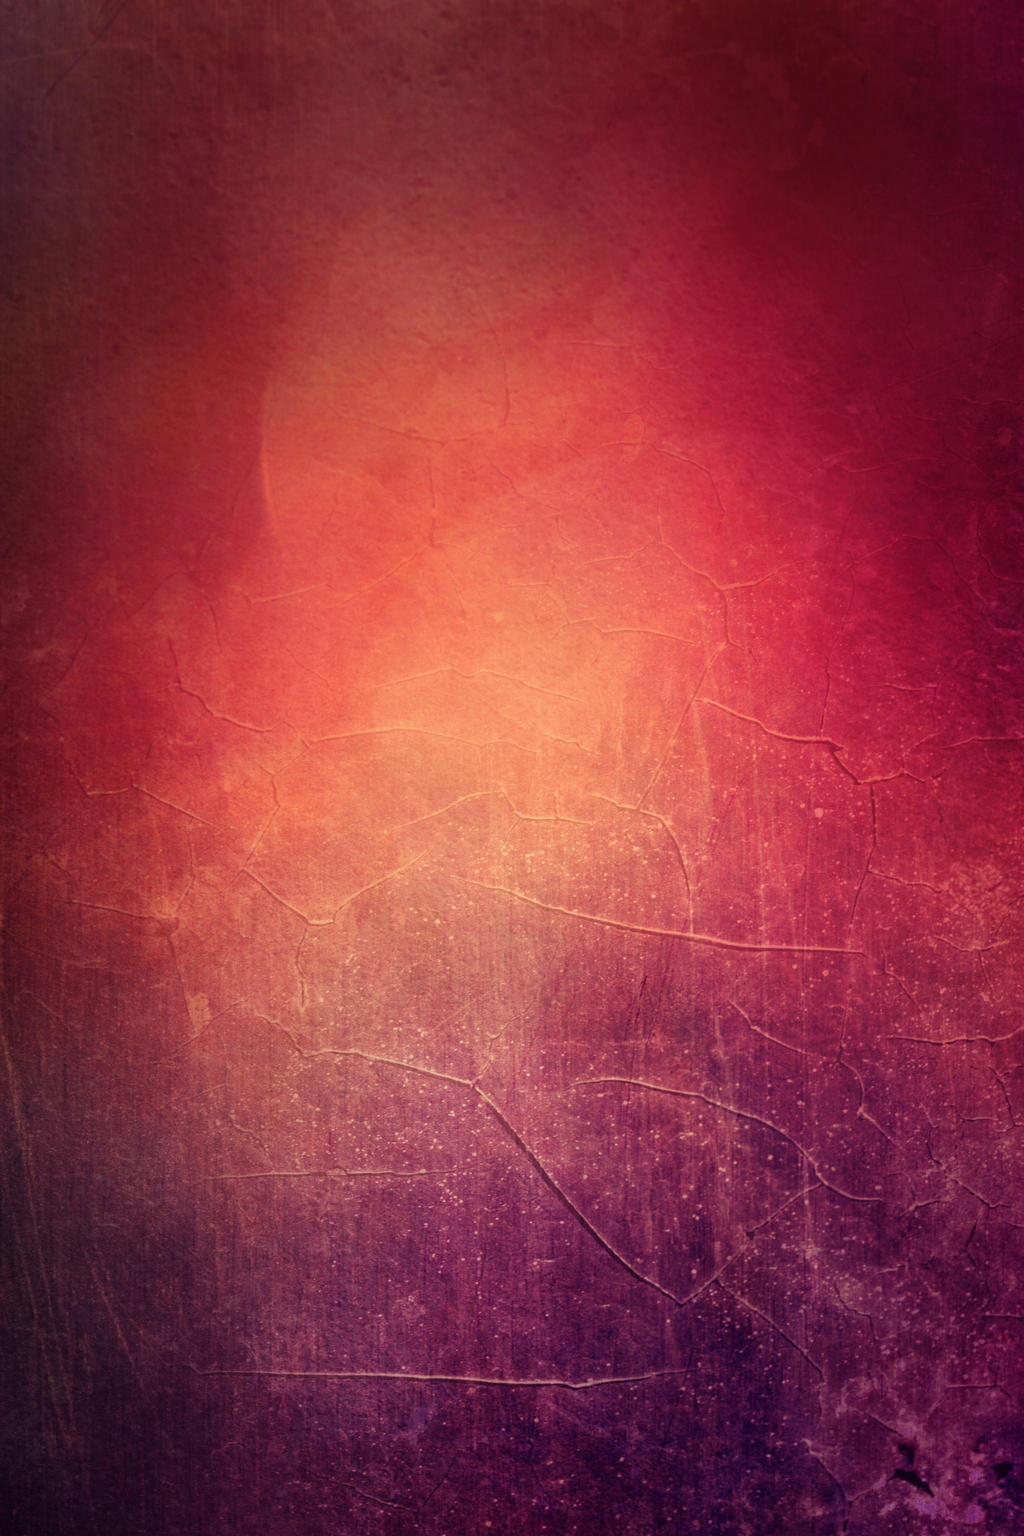 Texture 579 by Sirius-sdz